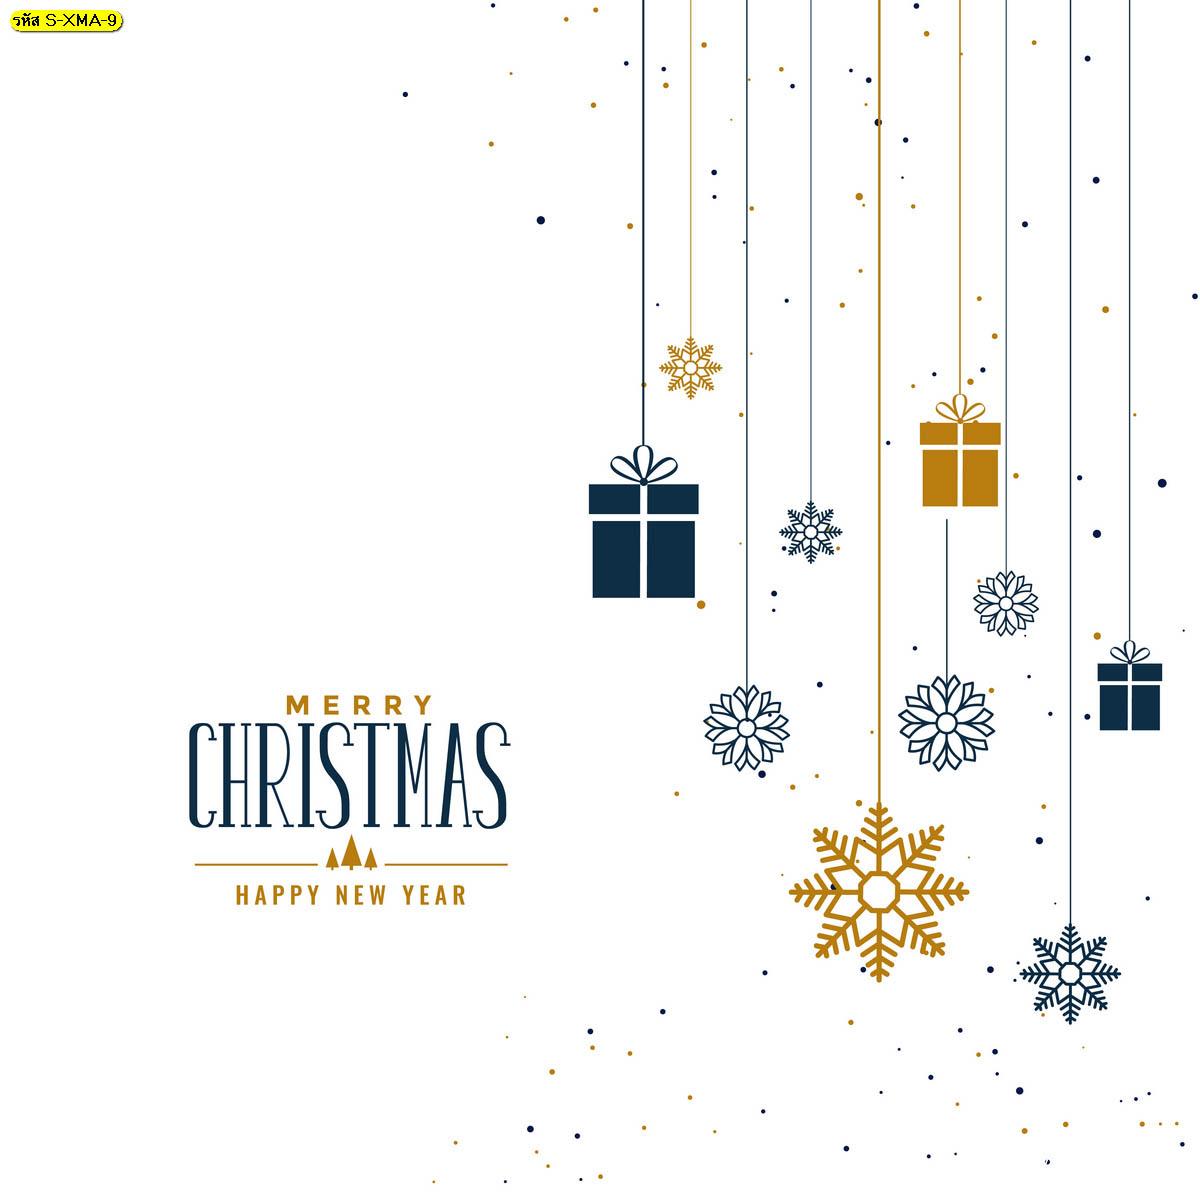 วอลเปเปอร์ของขวัญและหิมะพื้นหลังขาว โปสเตอร์เทศกาลคริสต์มาส ภาพคริสต์มาส